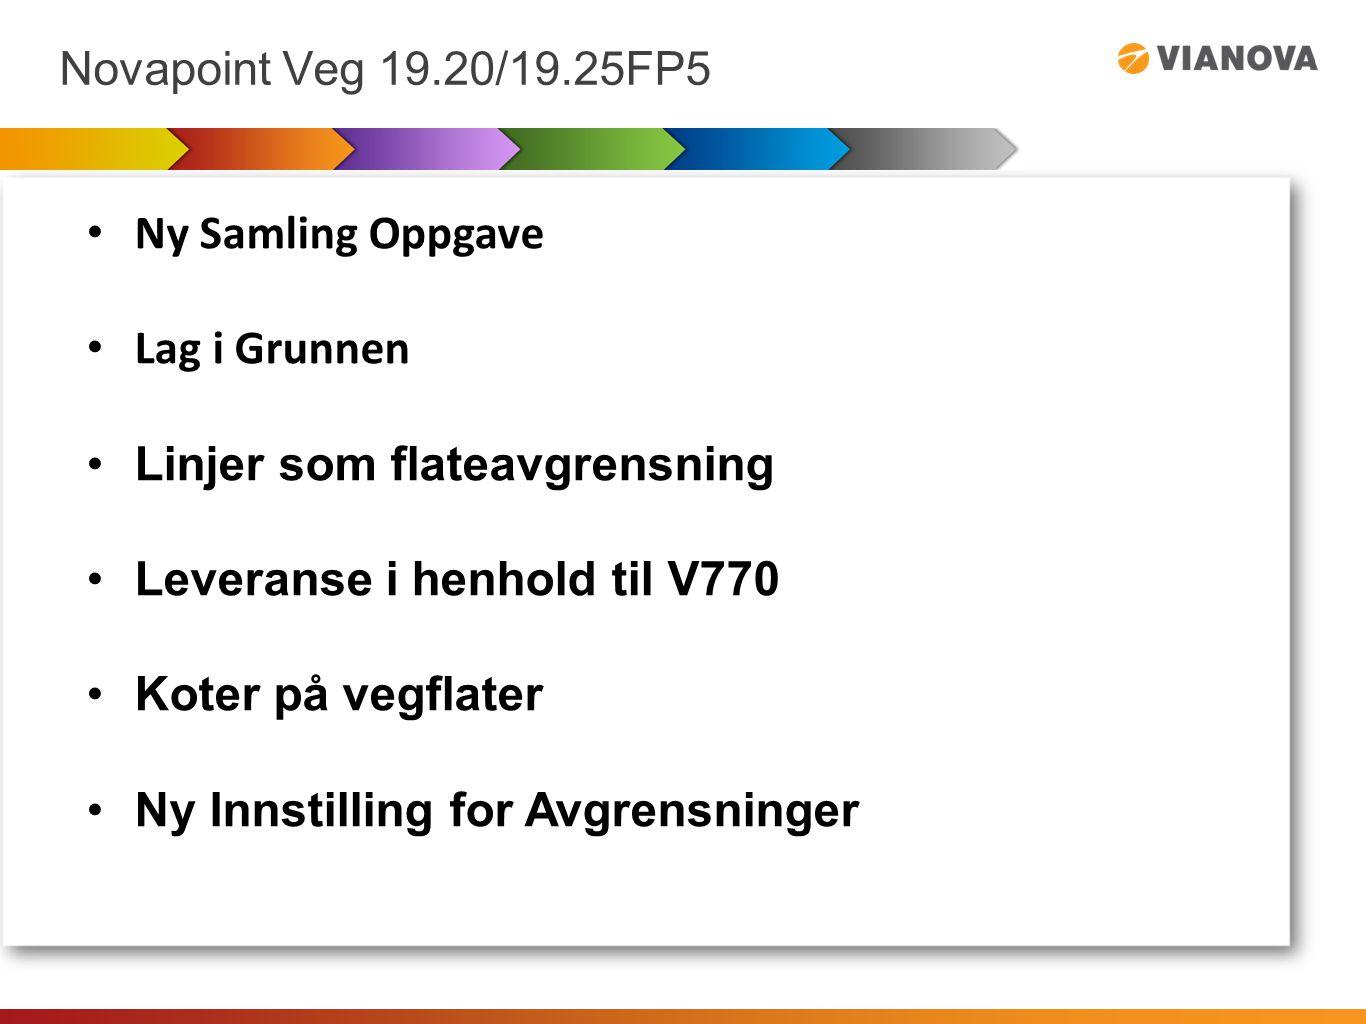 Novapoint Veg 19.20/19.25FP5 Ny Samling Oppgave Brukes til å samle inndata/beregningsgrunnlag til andre oppgaver (bare oppgaver, ikke objekter fram til neste release) En trenger ikke å reservere oppgaver som samles i en Samling-oppgave Dersom inndata-oppgavene til Samlings-oppgaven endres, endres Samling-oppgaven automatisk.